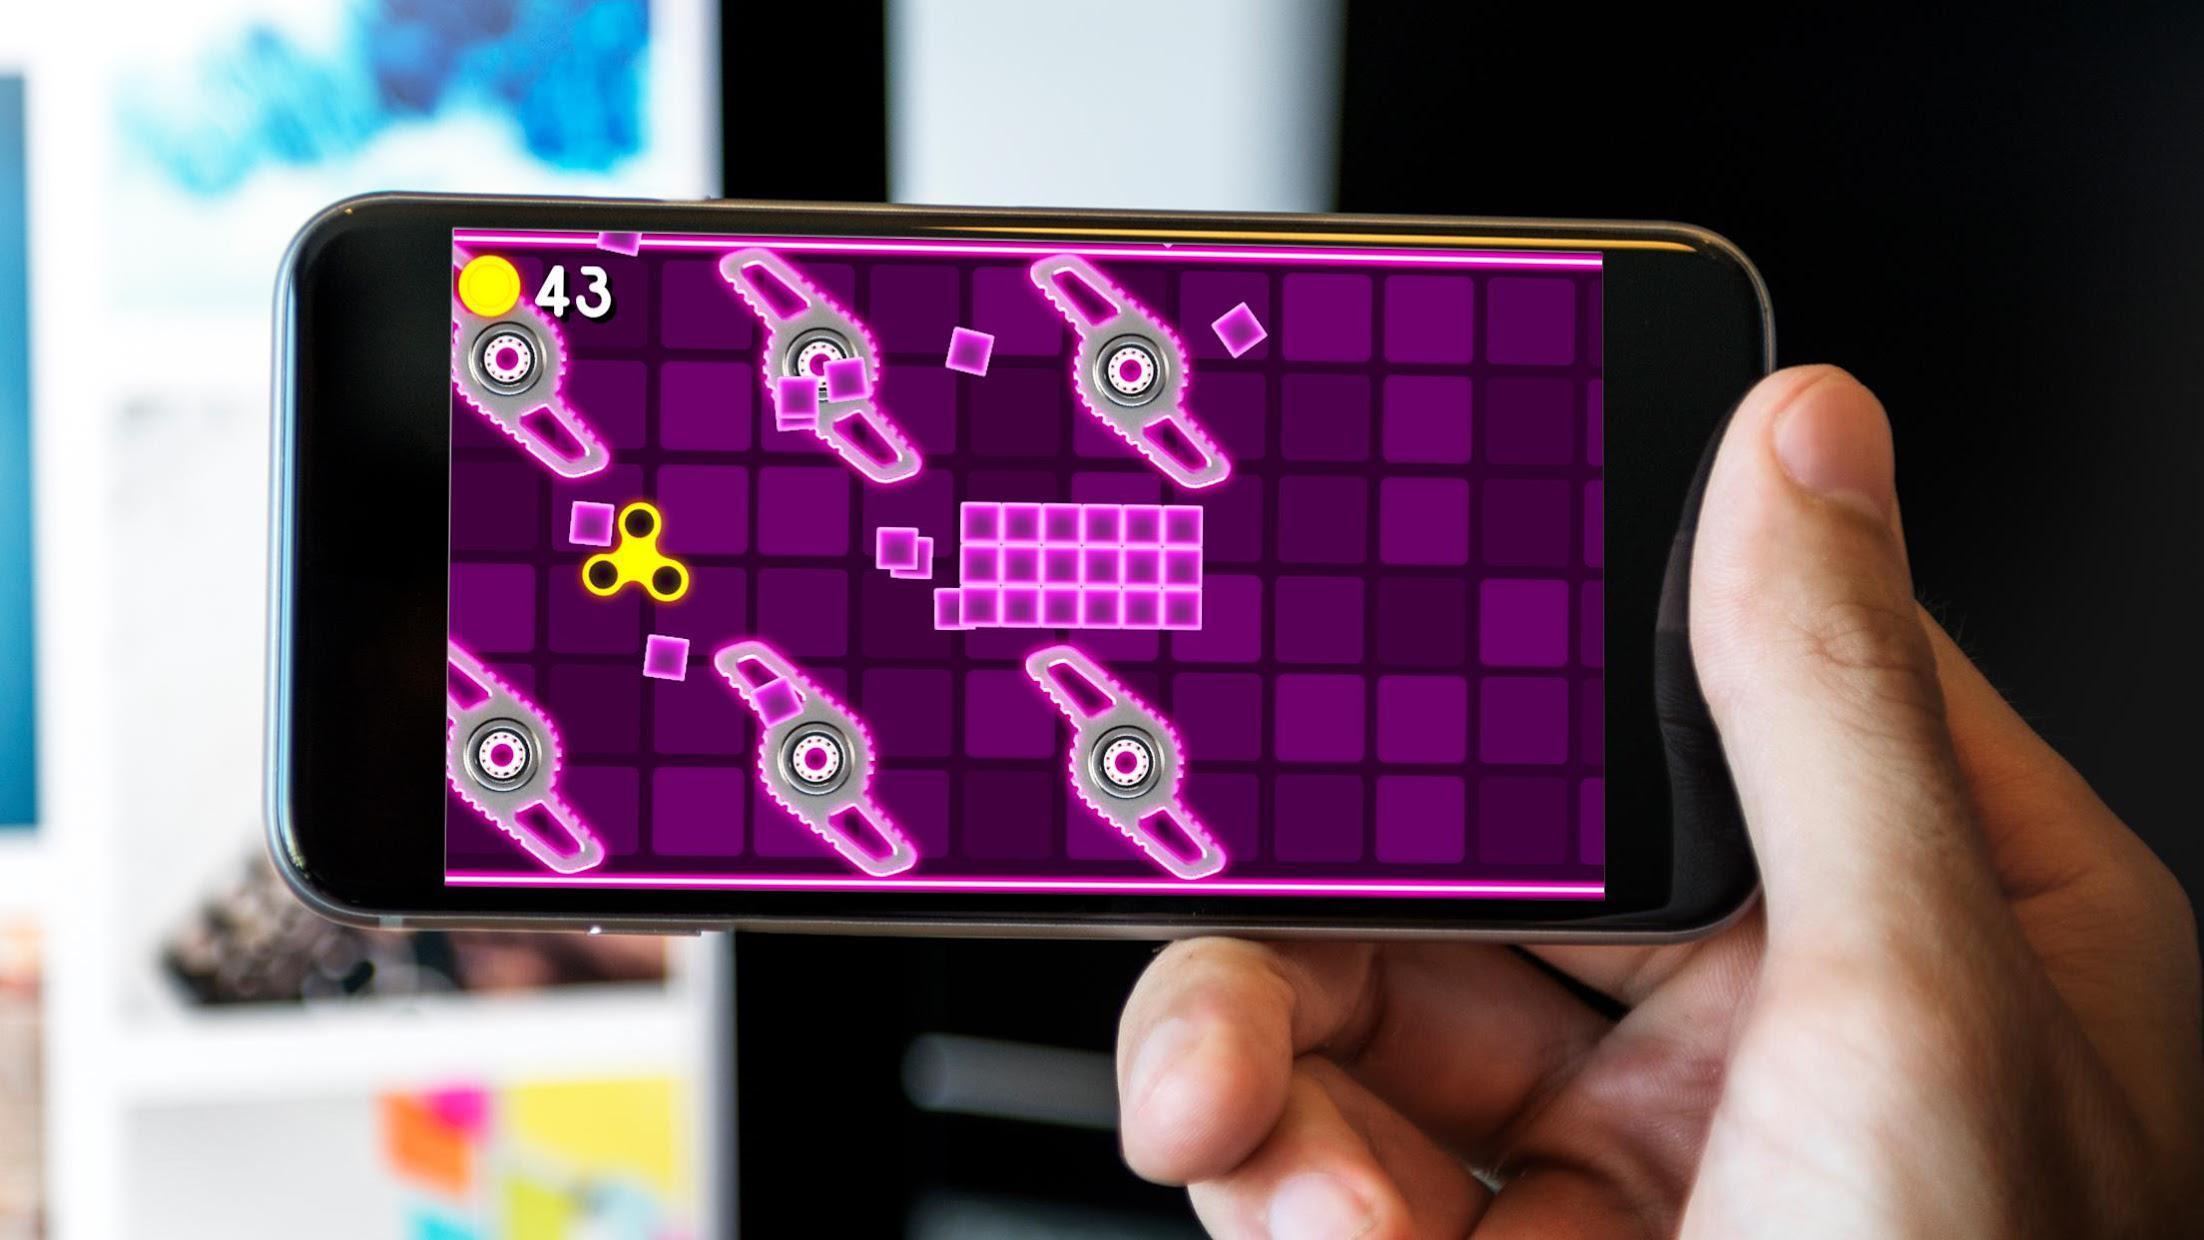 Fidget Spinner  Wheel Toy - The Arcade Game 游戏截图5